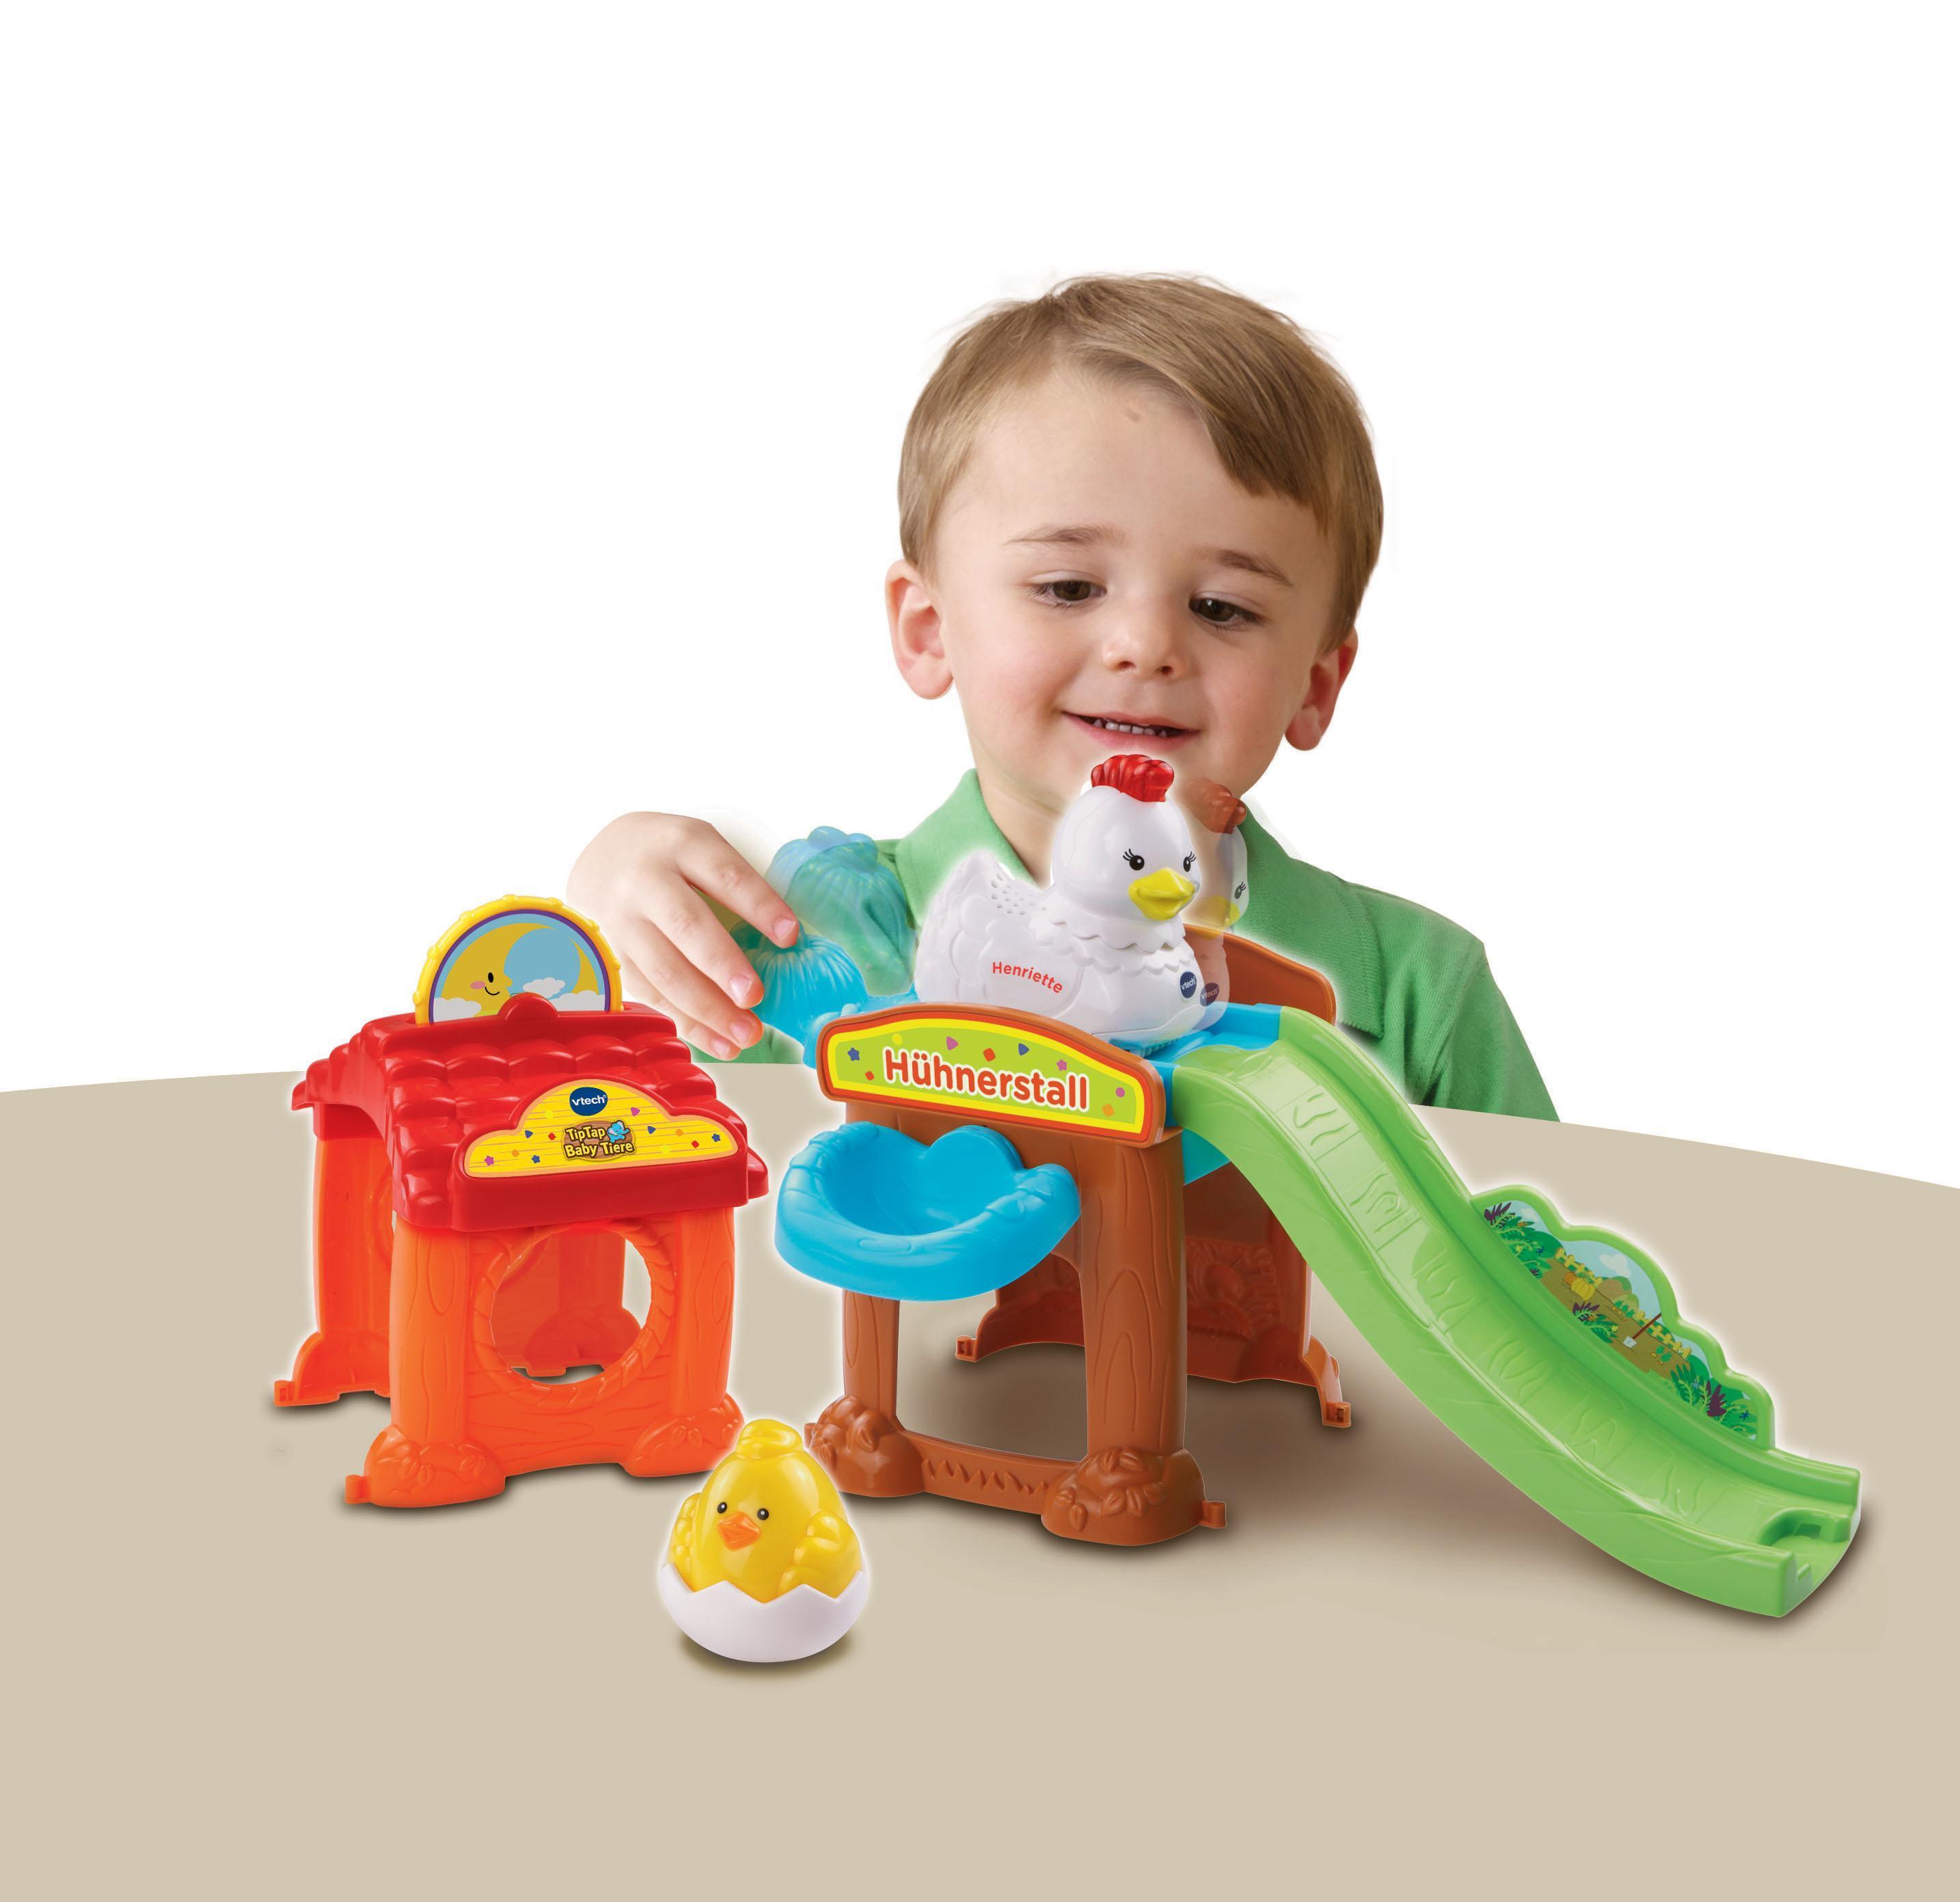 Kleinkindspielzeug Tip tap Hühnerstalll mit 3 Tiere